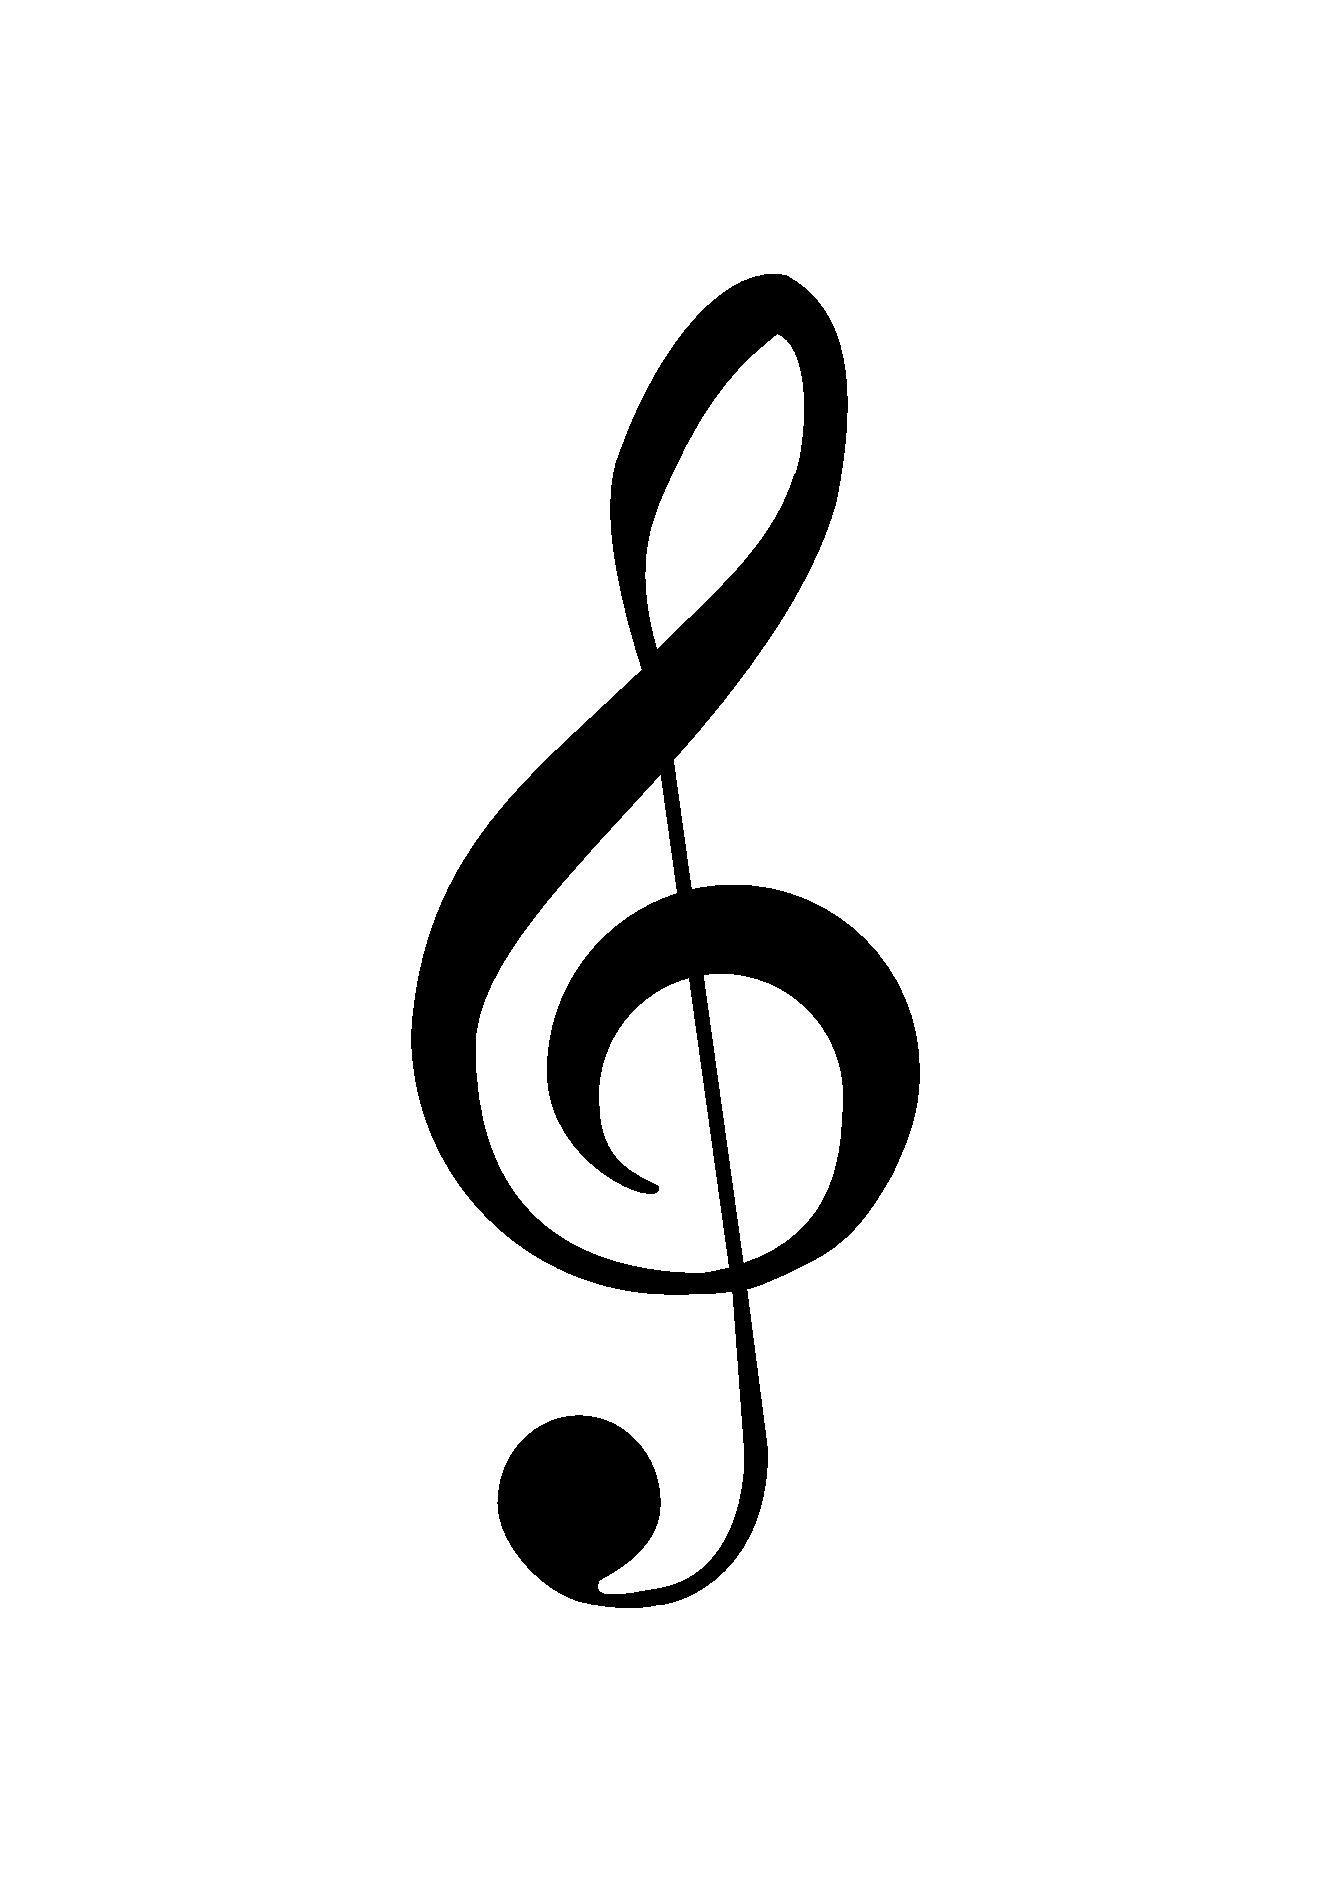 clip-art-treble-clef-treble-clef-rss-vimvfd-clipart